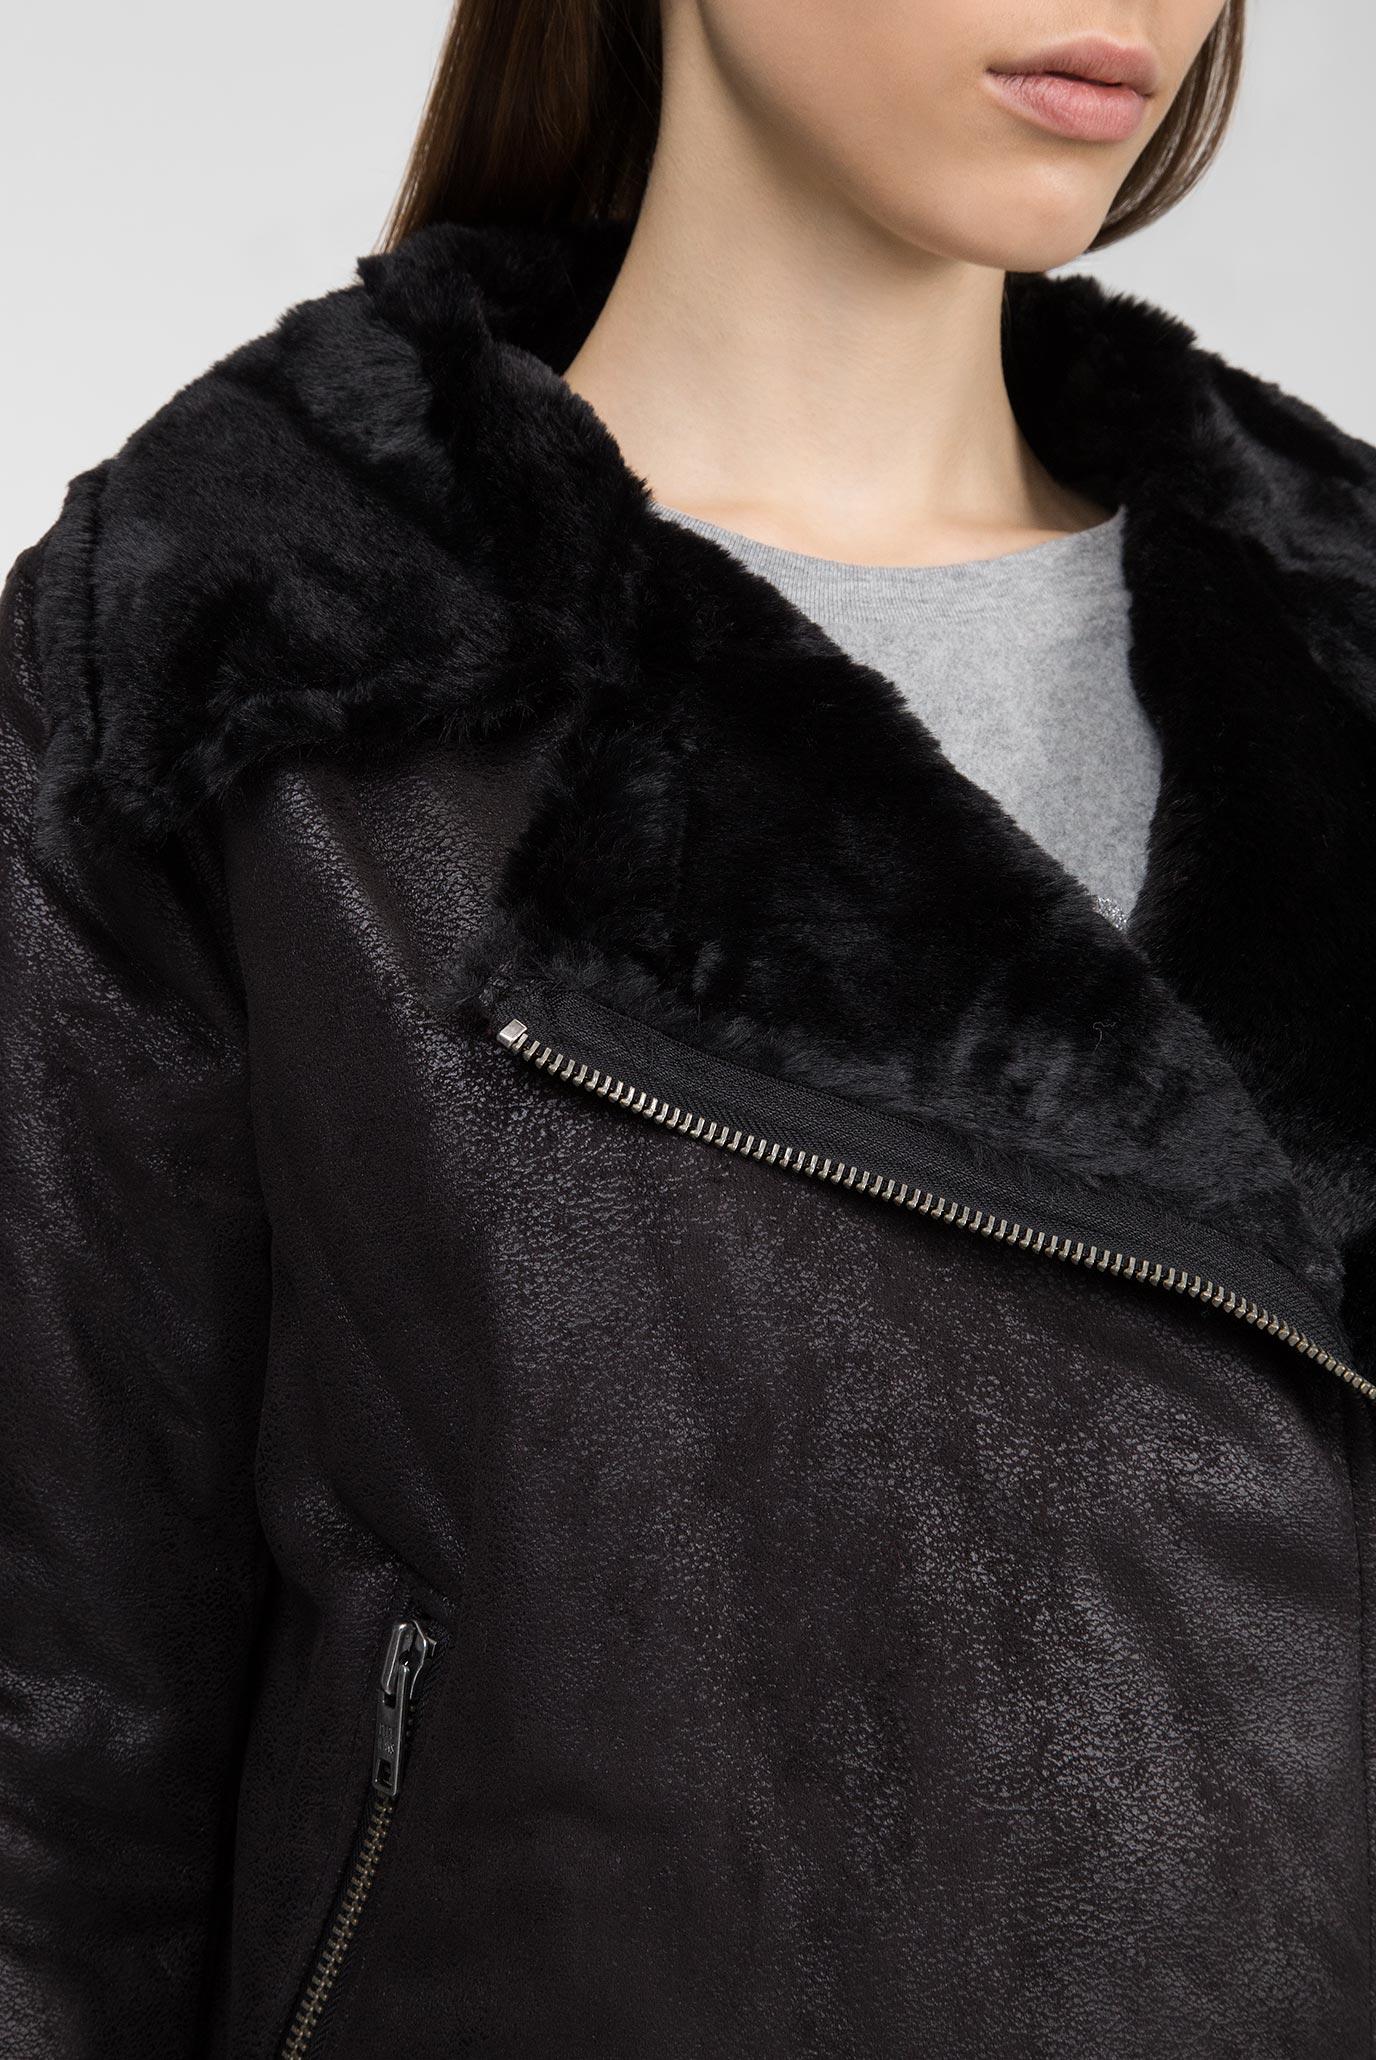 Купить Женская черная куртка GEORGIA Pepe Jeans Pepe Jeans PL401533 – Киев, Украина. Цены в интернет магазине MD Fashion